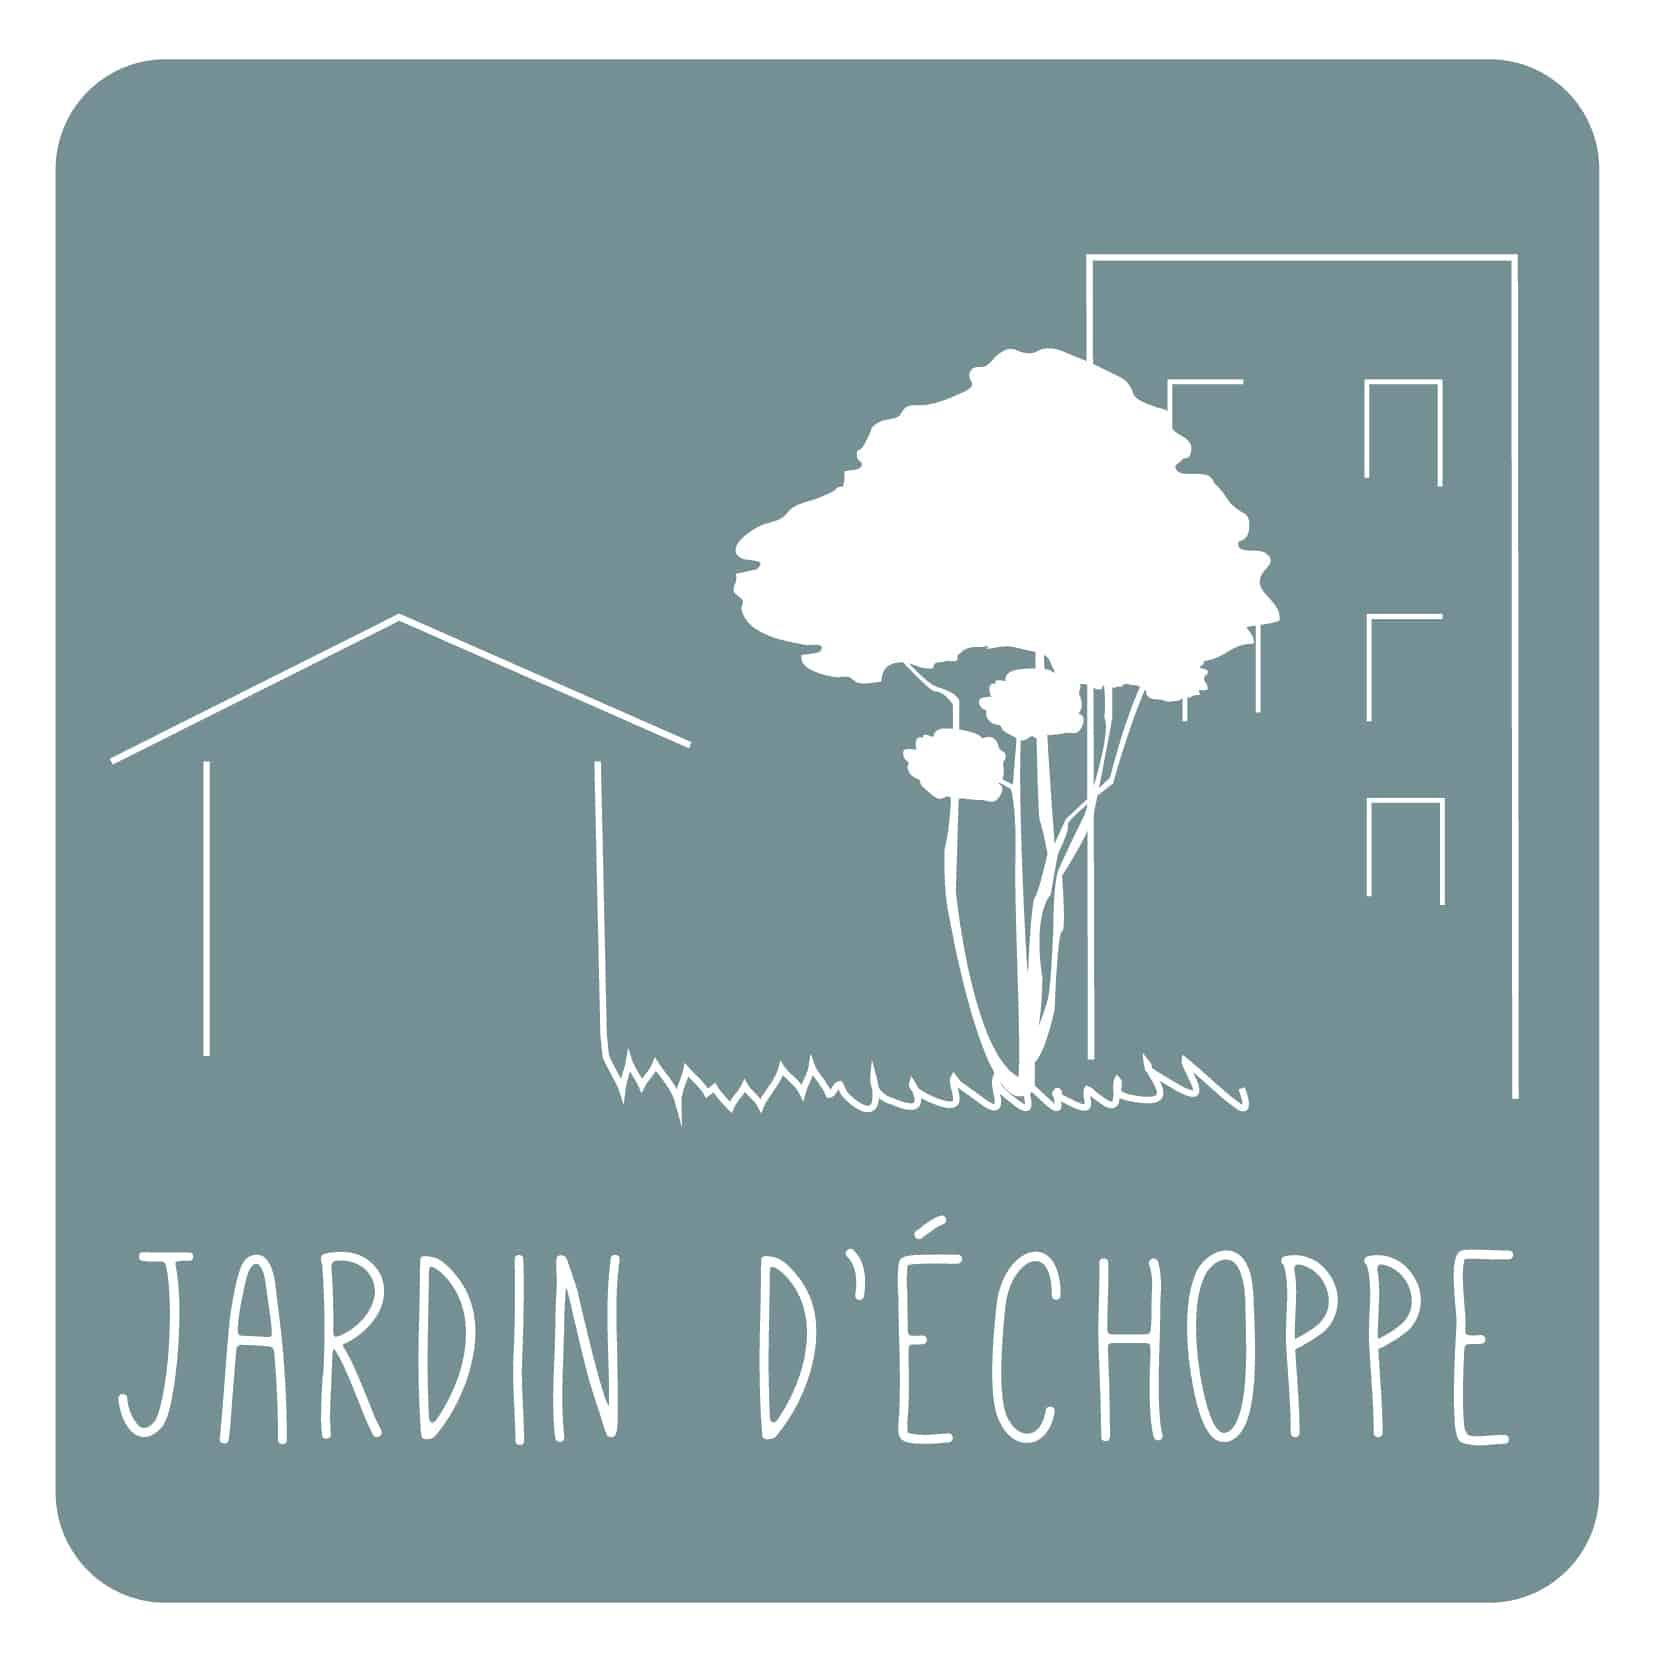 Logo JARDIN D'ECHOPPE